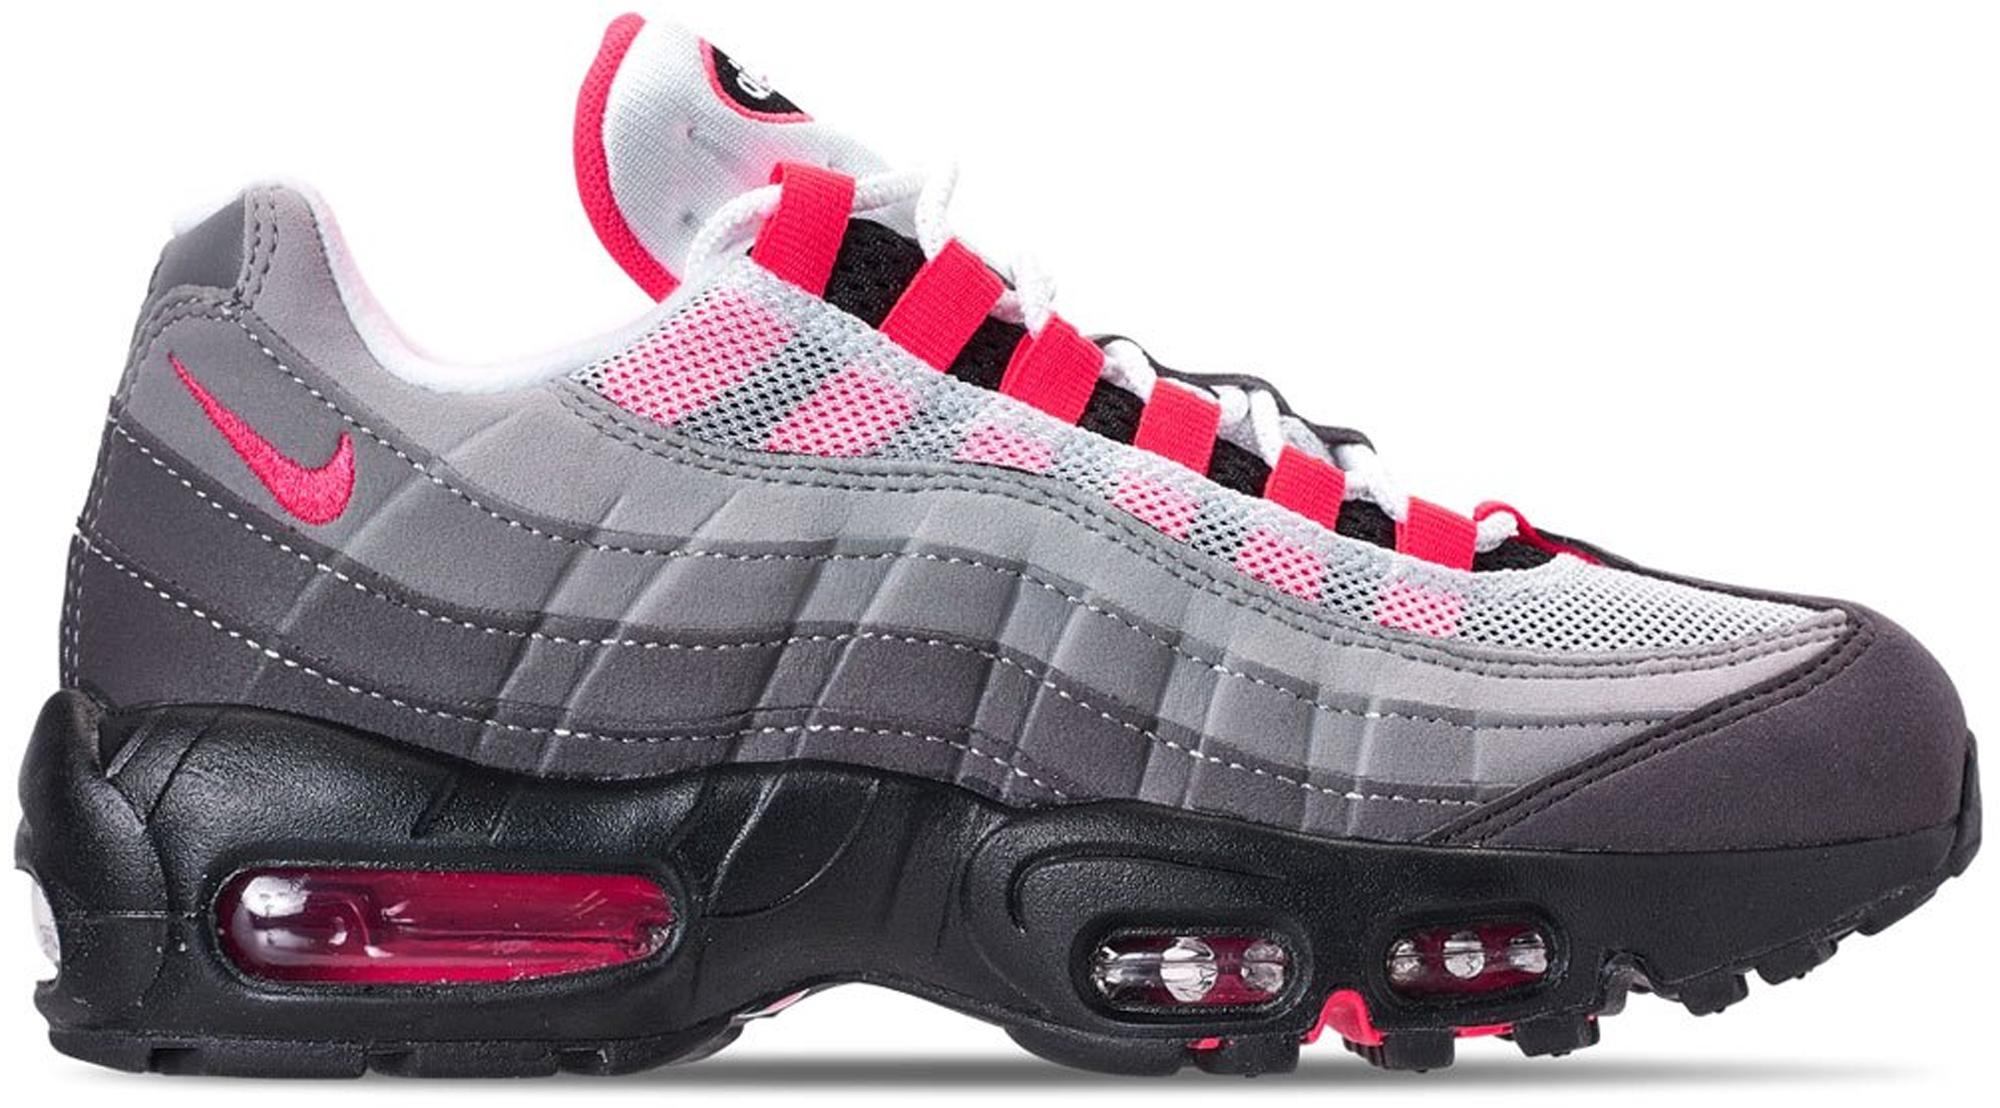 nike air max 95 pink and grey